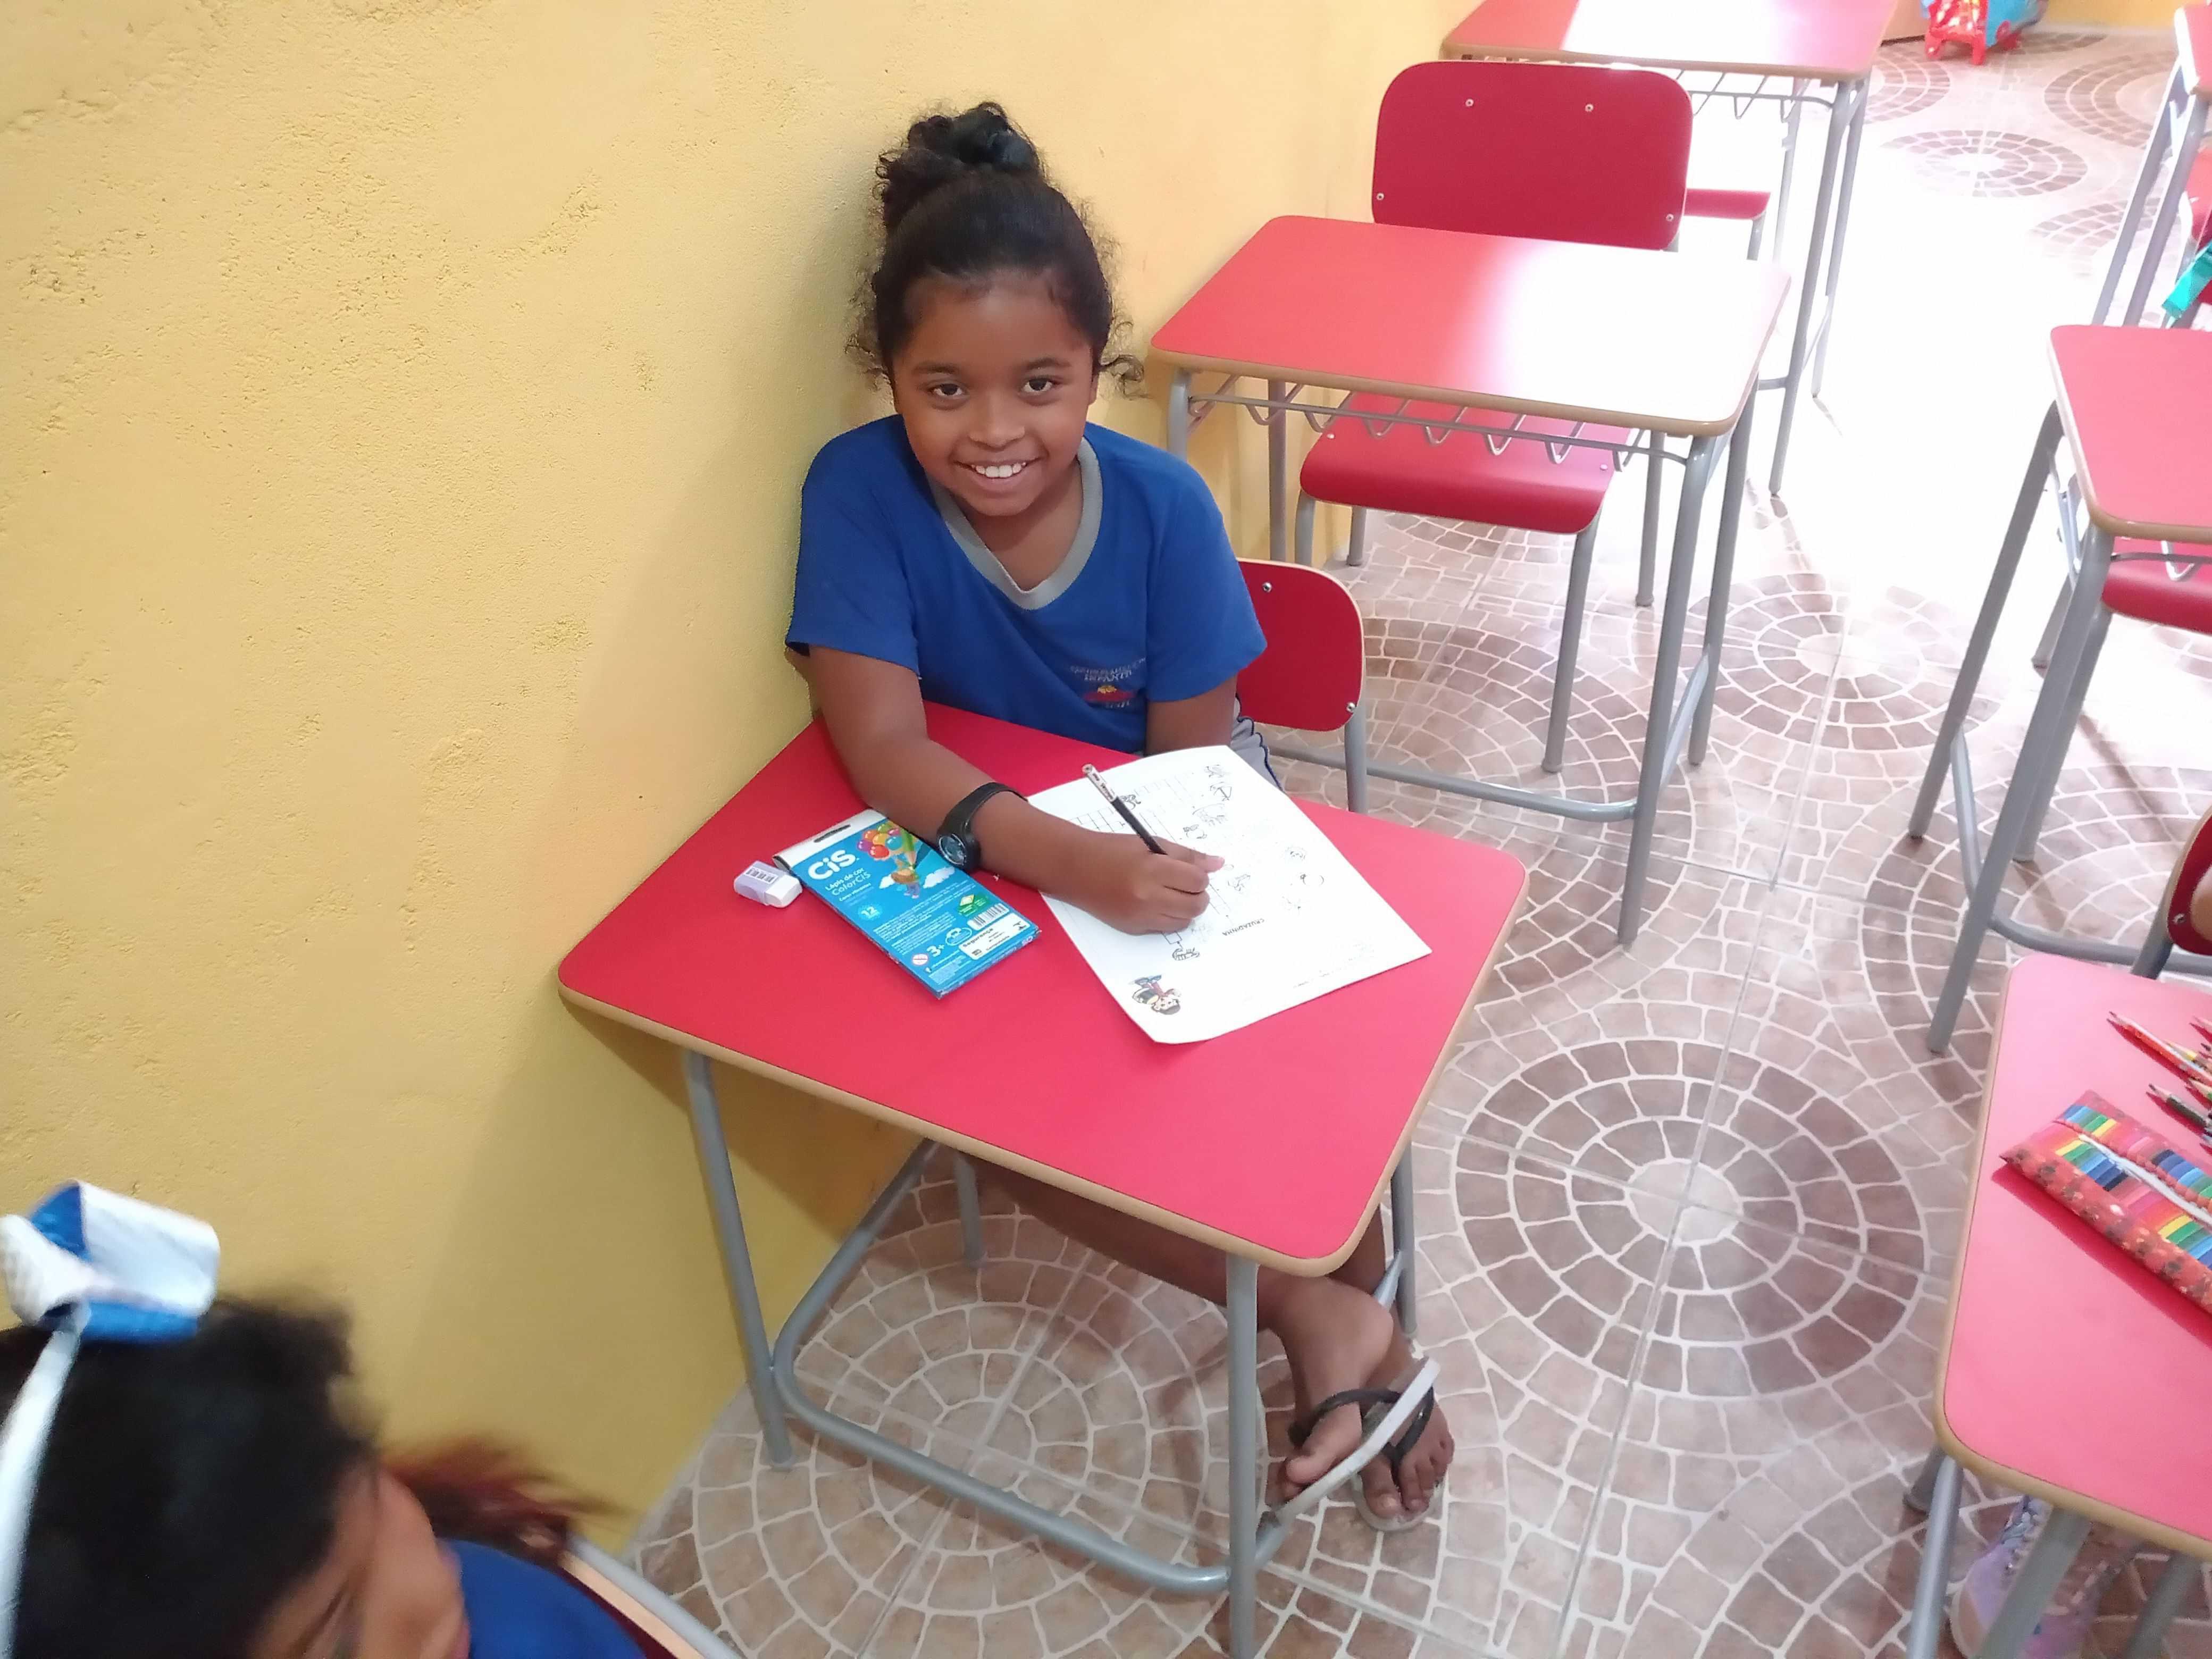 Centro Educacional Seninha - foto 3